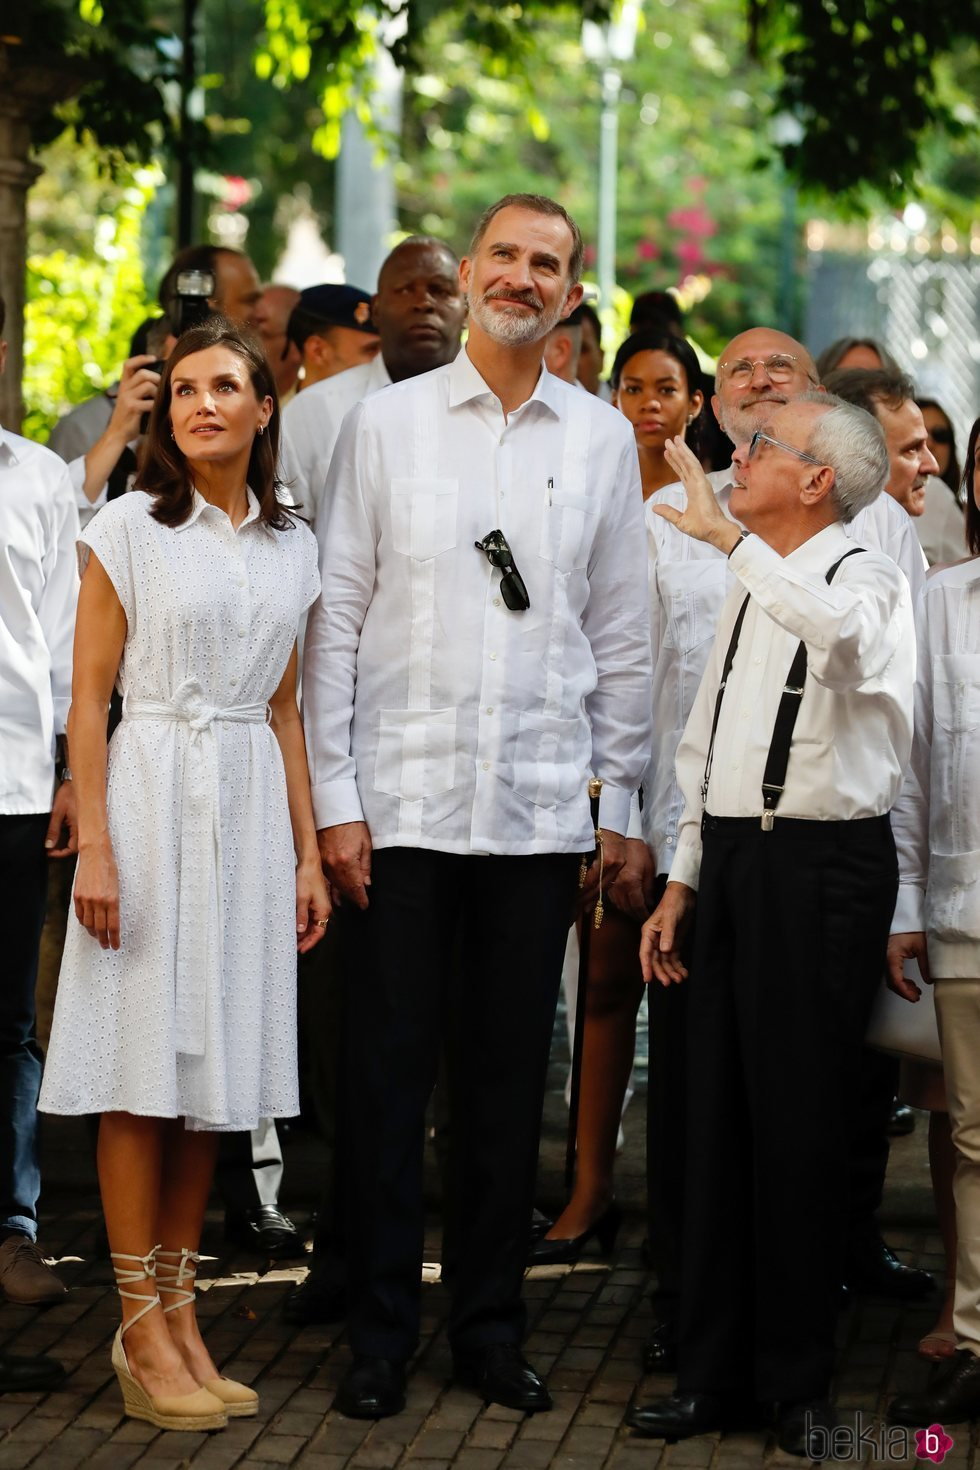 Los Reyes Felipe y Letizia en El Templete de la Plaza de Armas de La Habana Vieja